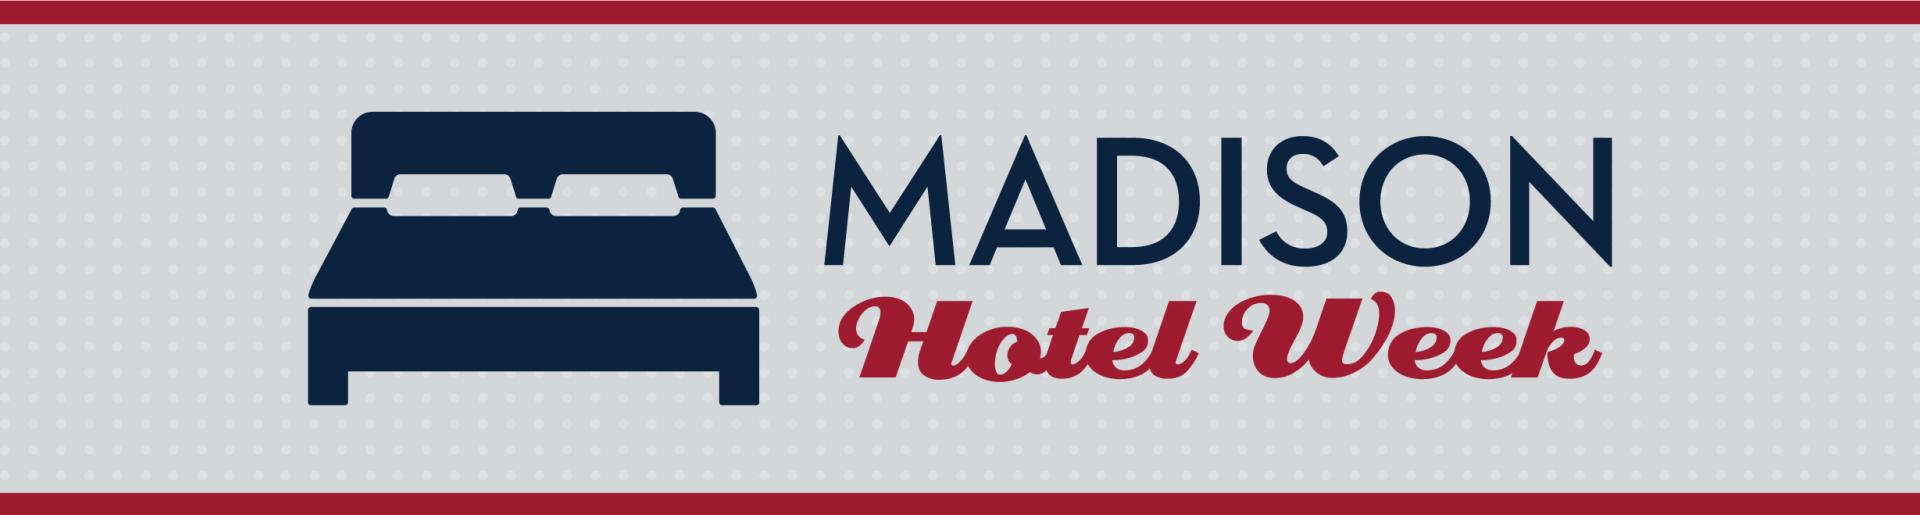 Madison Hotel Week 2018